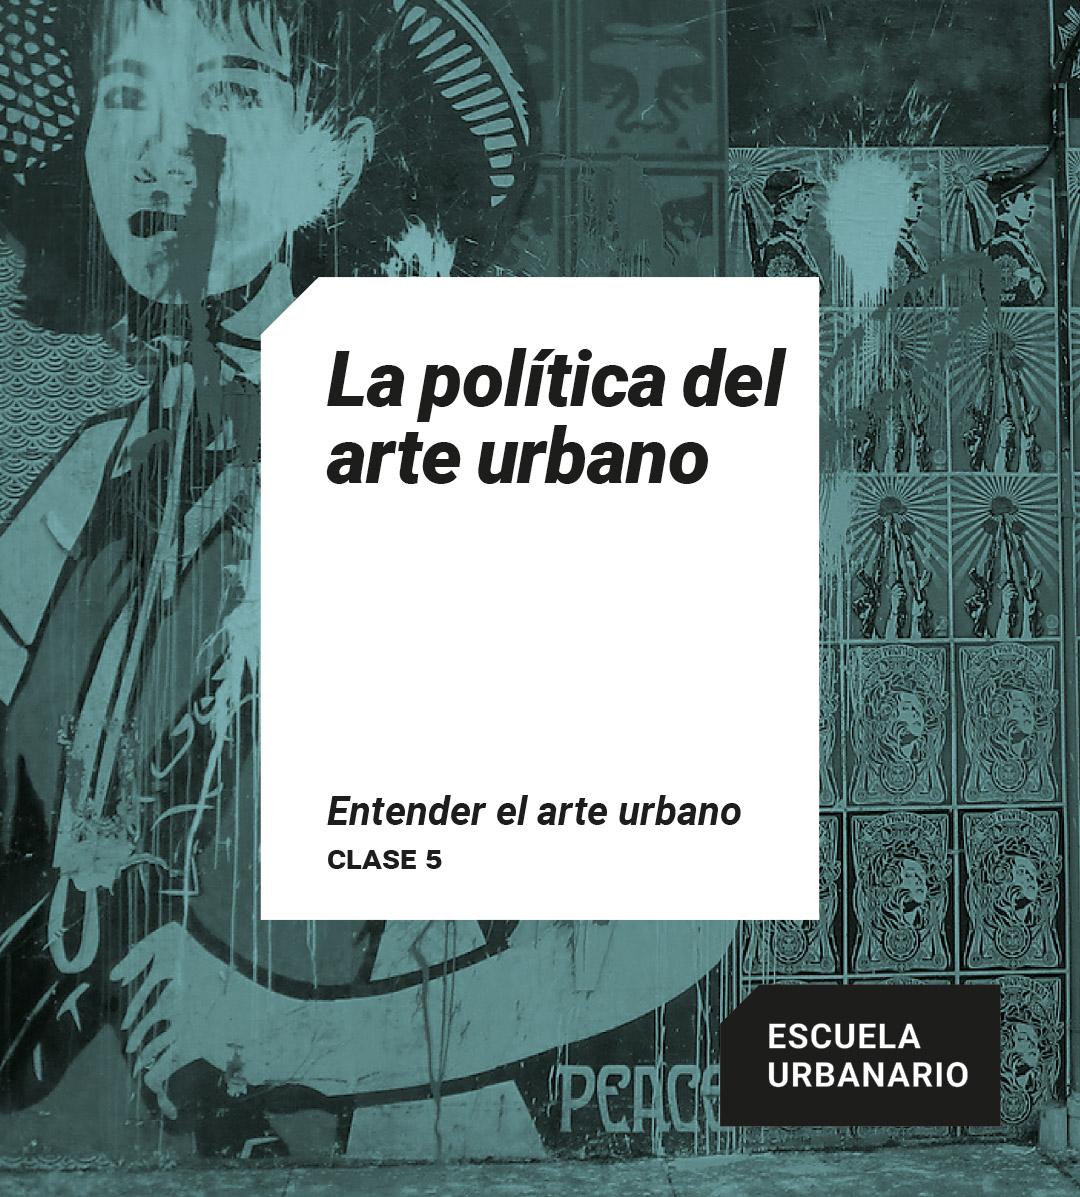 La politica del arte urbano